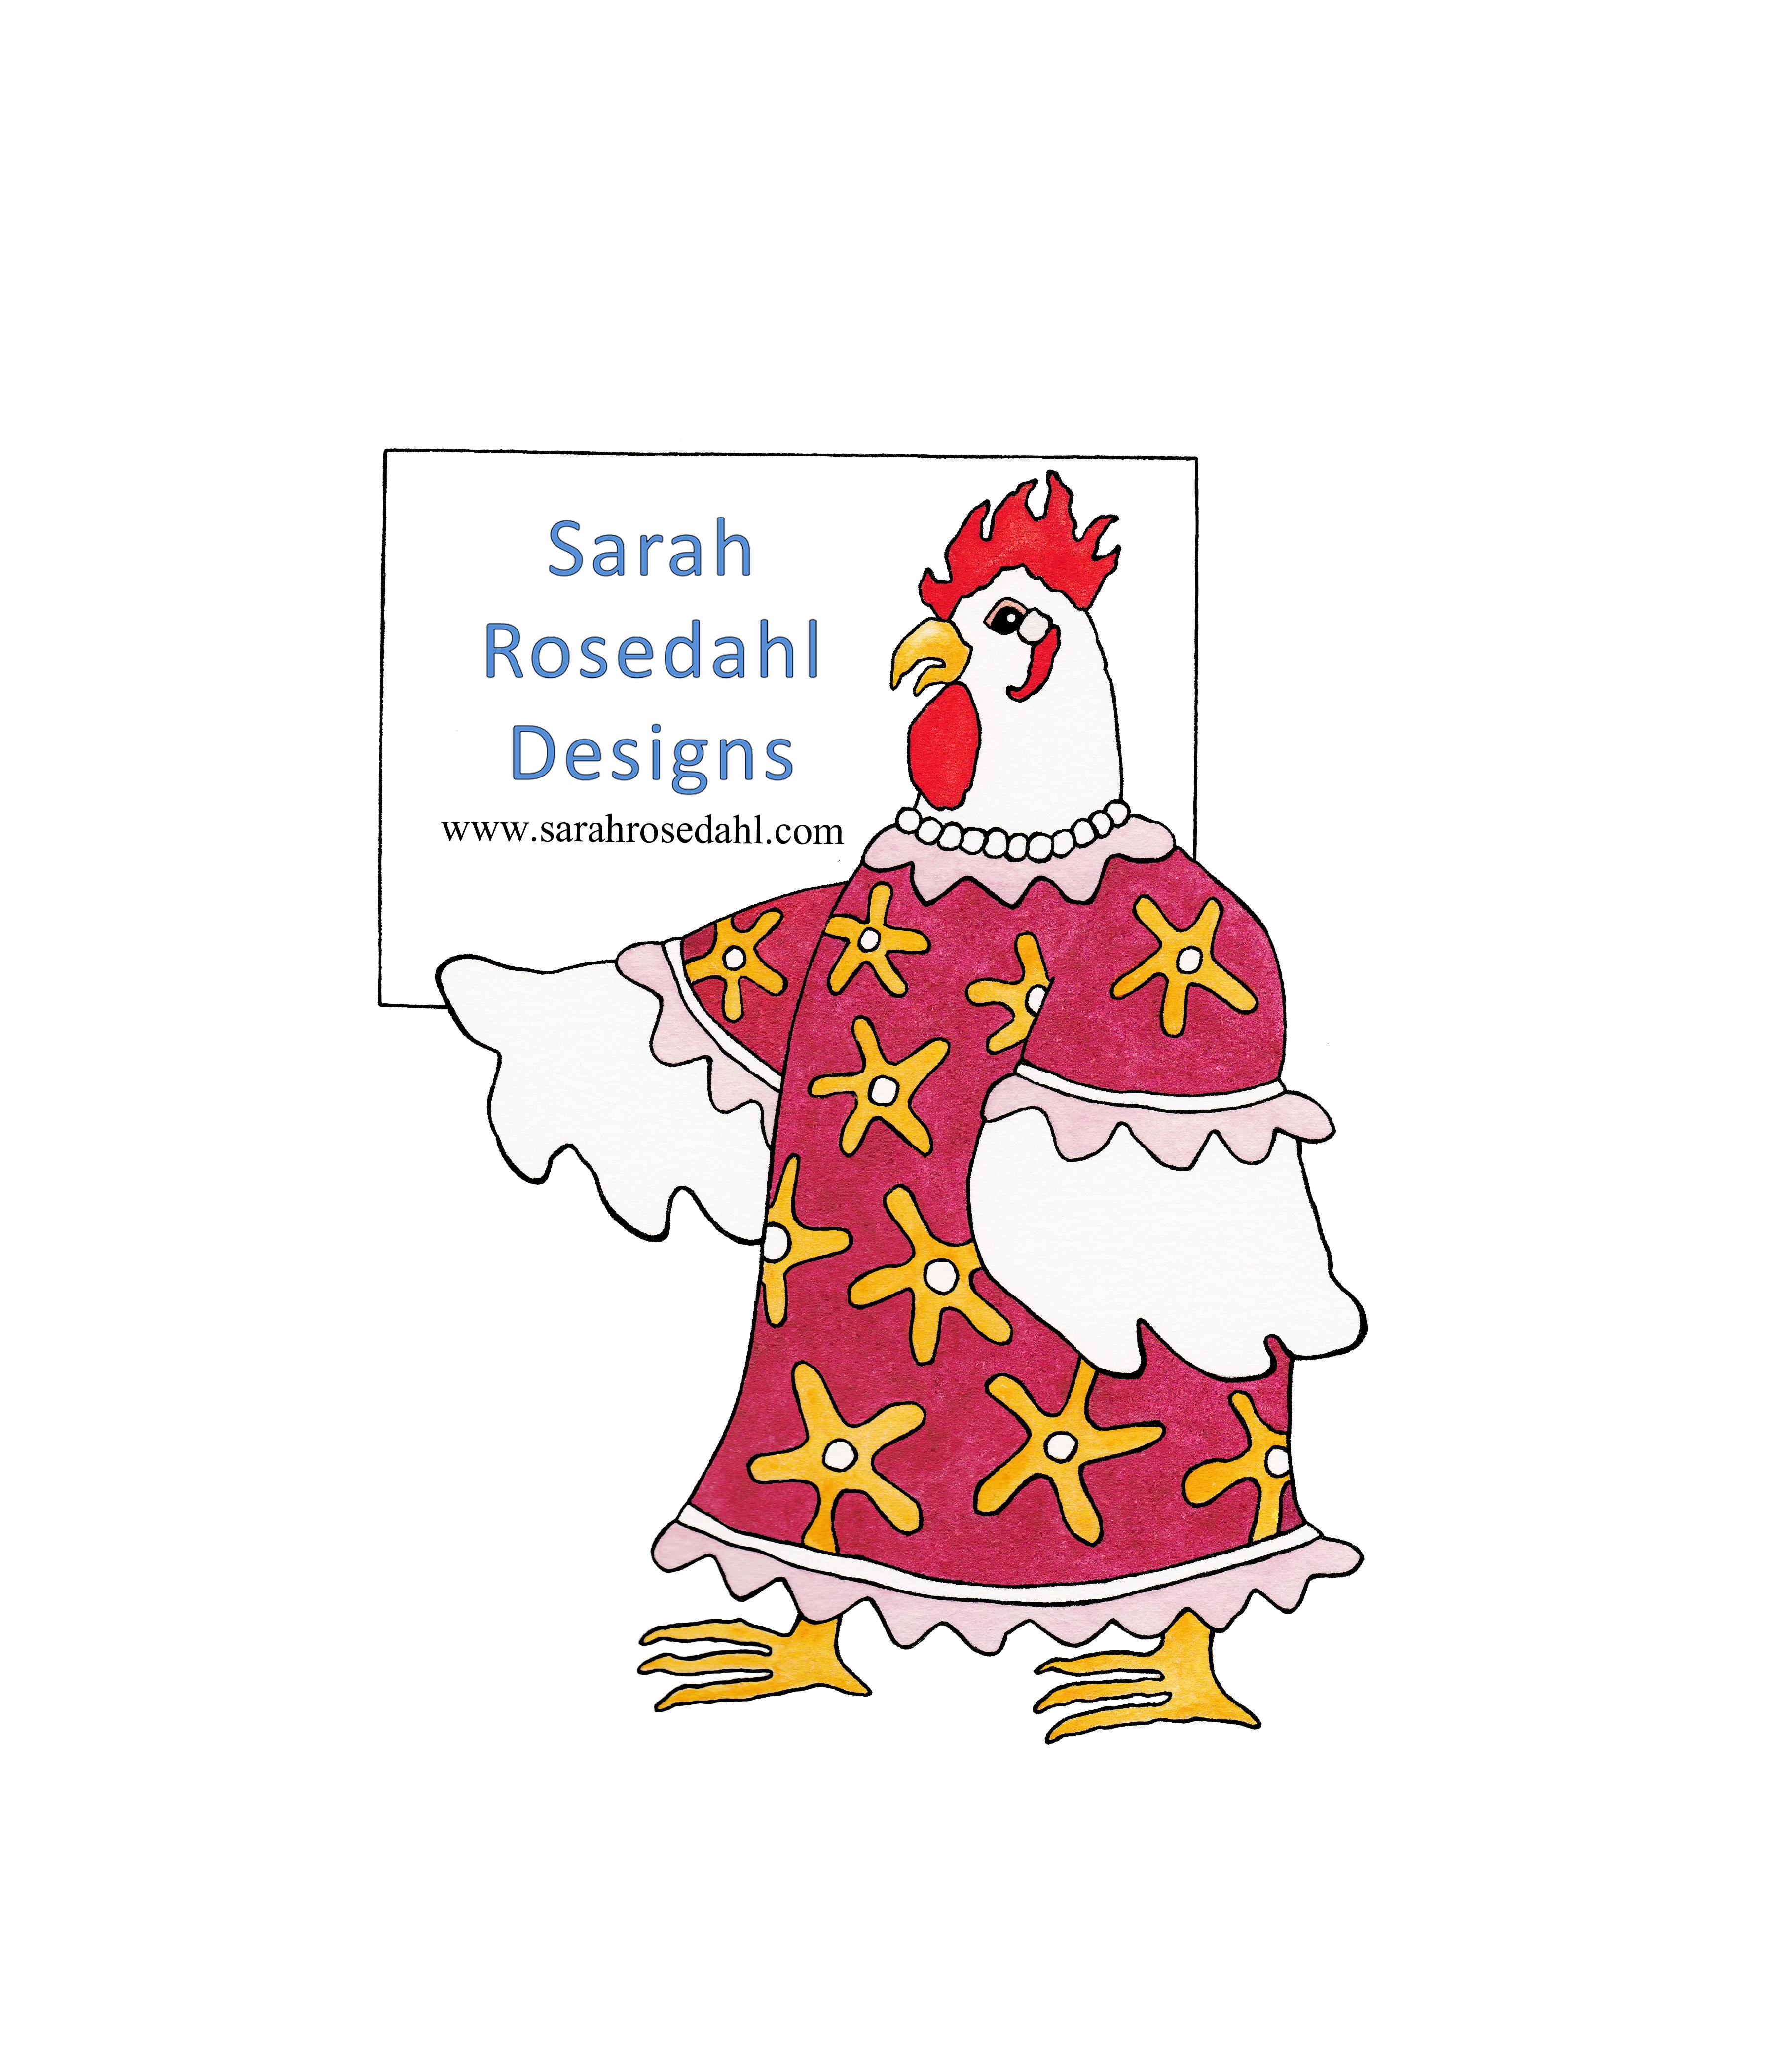 Sarah Rosedahl's Art